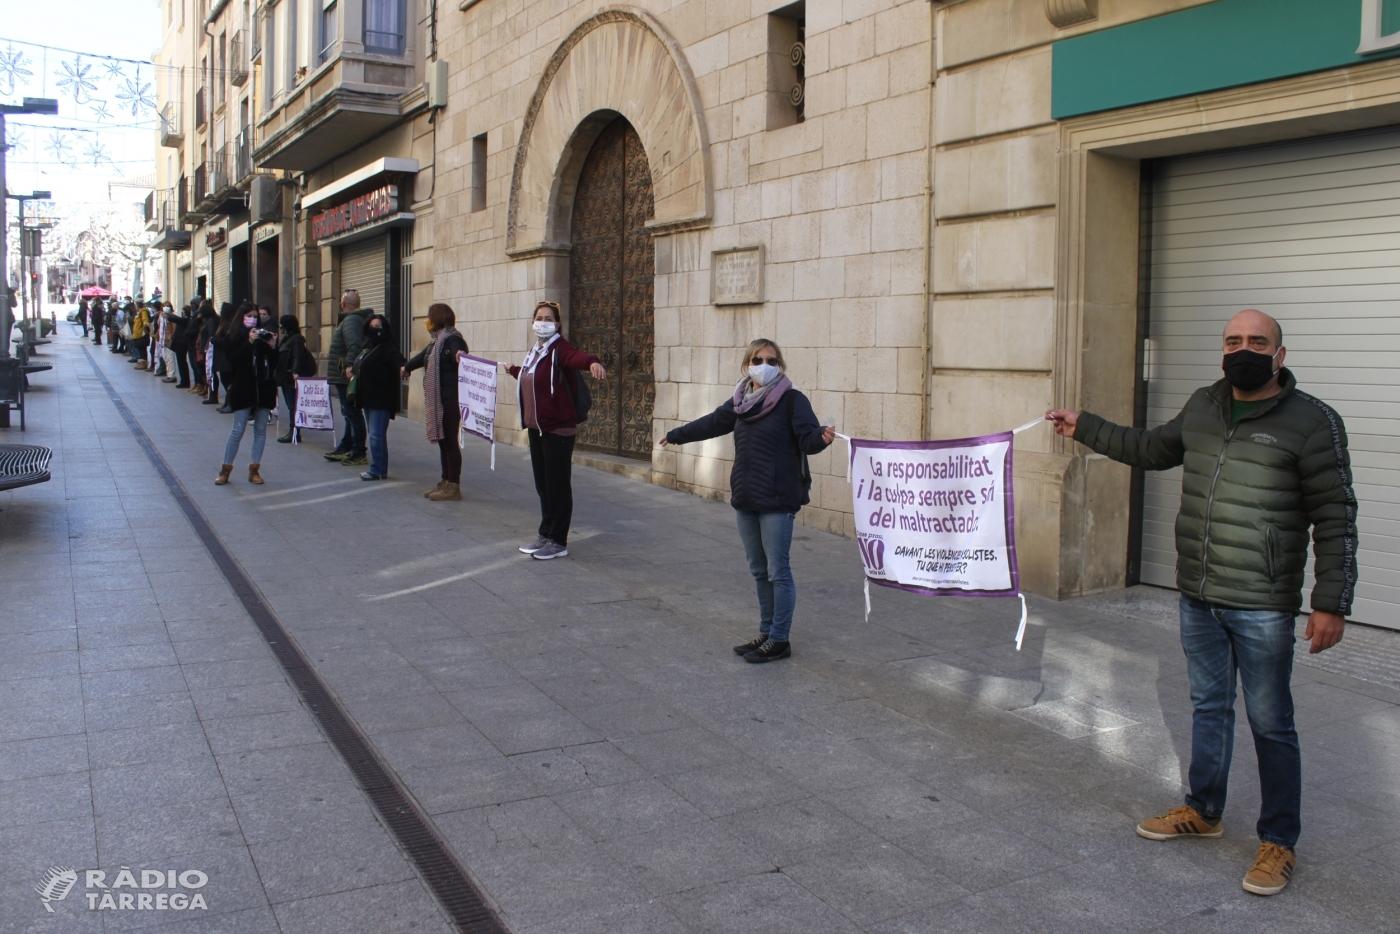 Més d'un centenar de persones participen a la Cadena Feminista de Tàrrega contra les violències masclistes